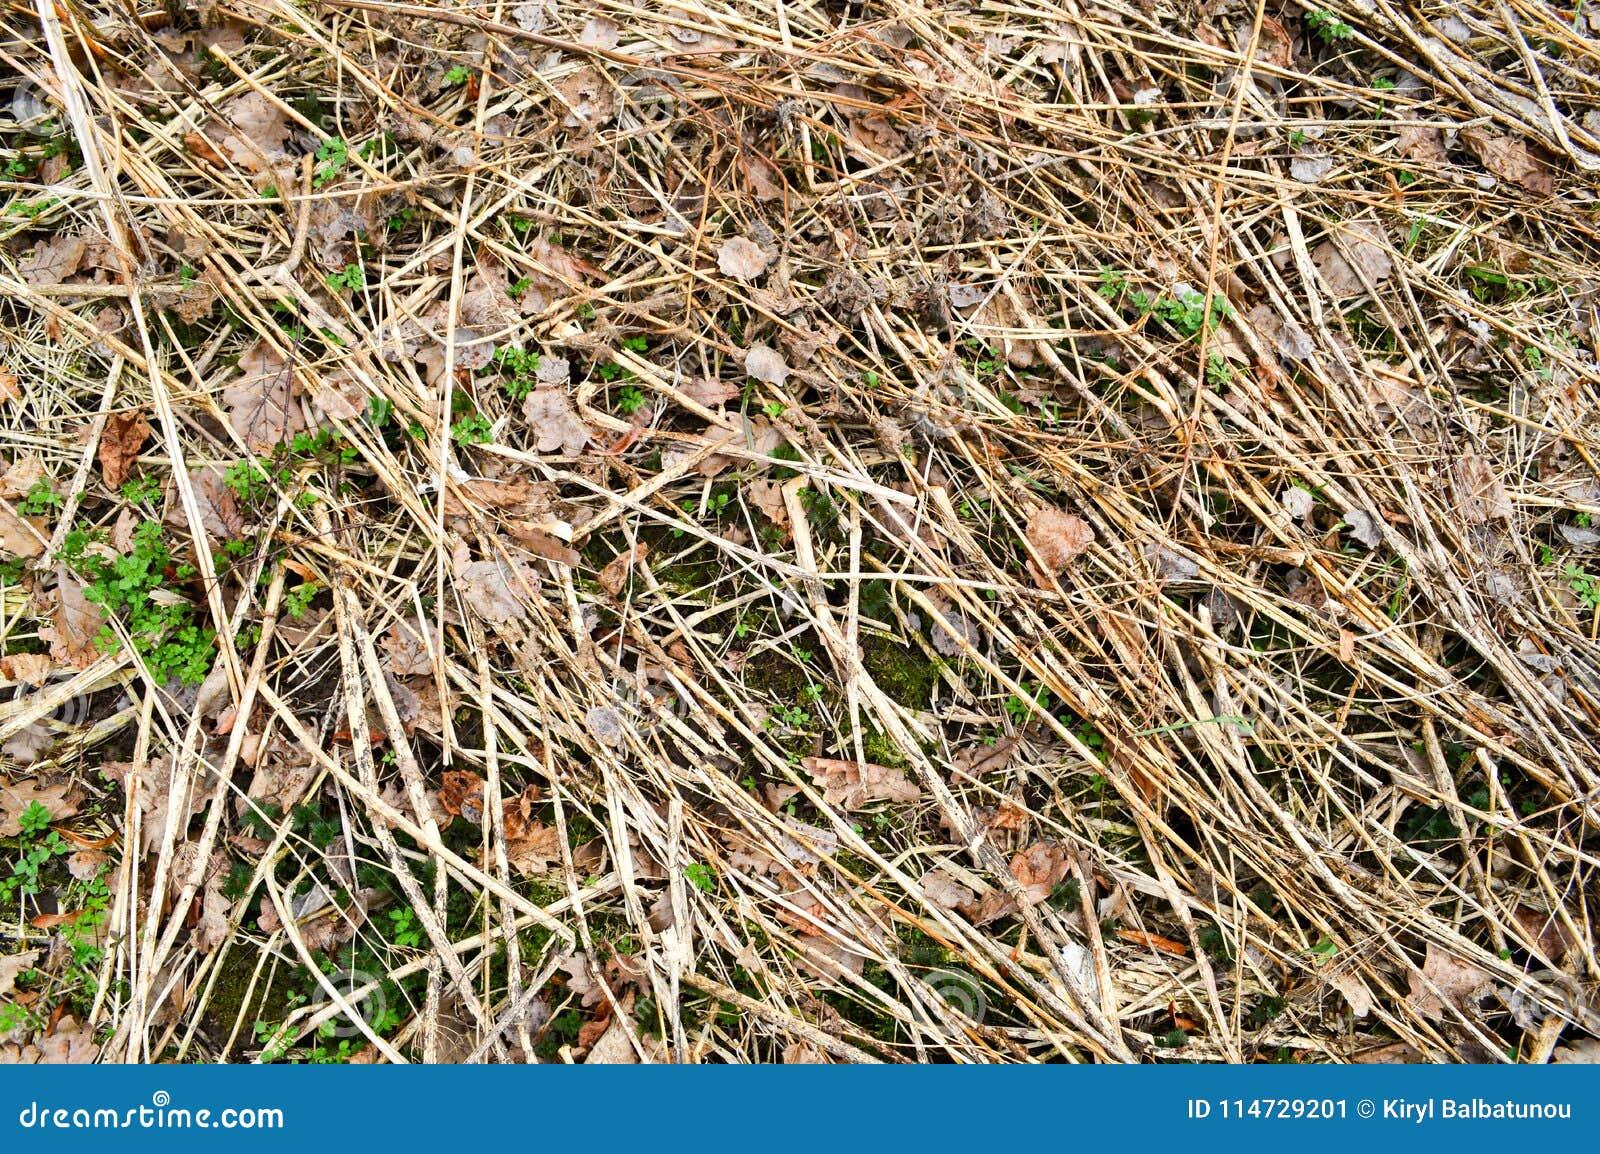 Textuur van oude rotte oude stokken, takken, stro met knopen en droge die bladeren met barsten en knopen met mos worden behandeld